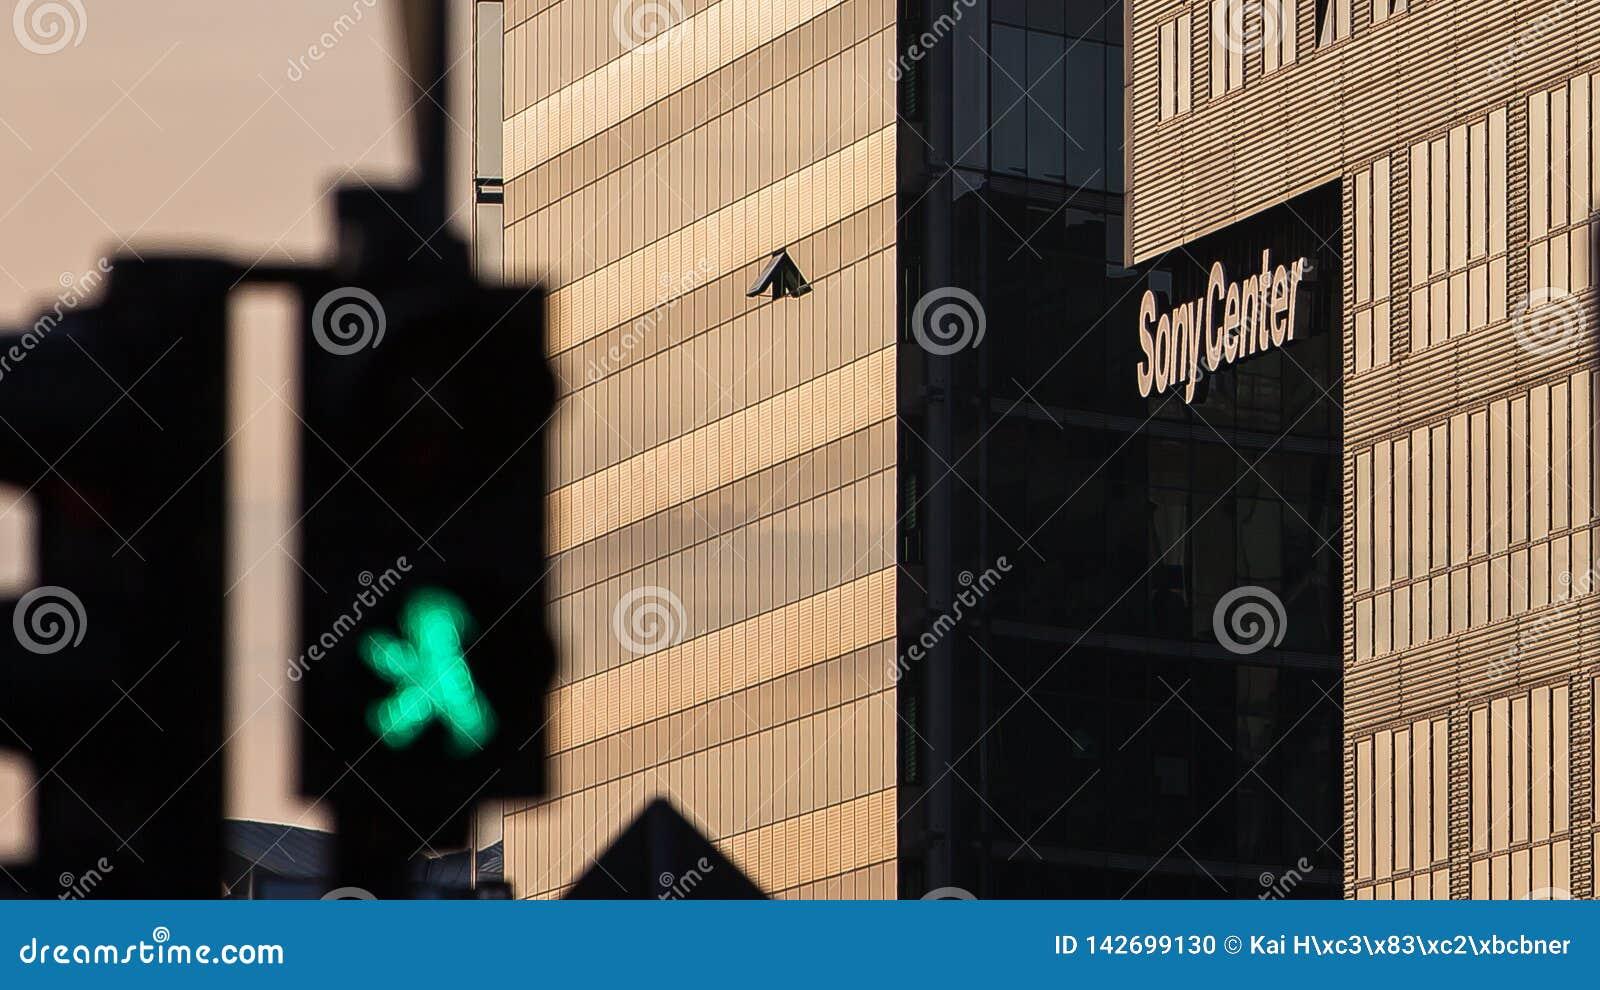 Luzes dos pedestres do verde de Berlin Potsdam Square com Sony Center